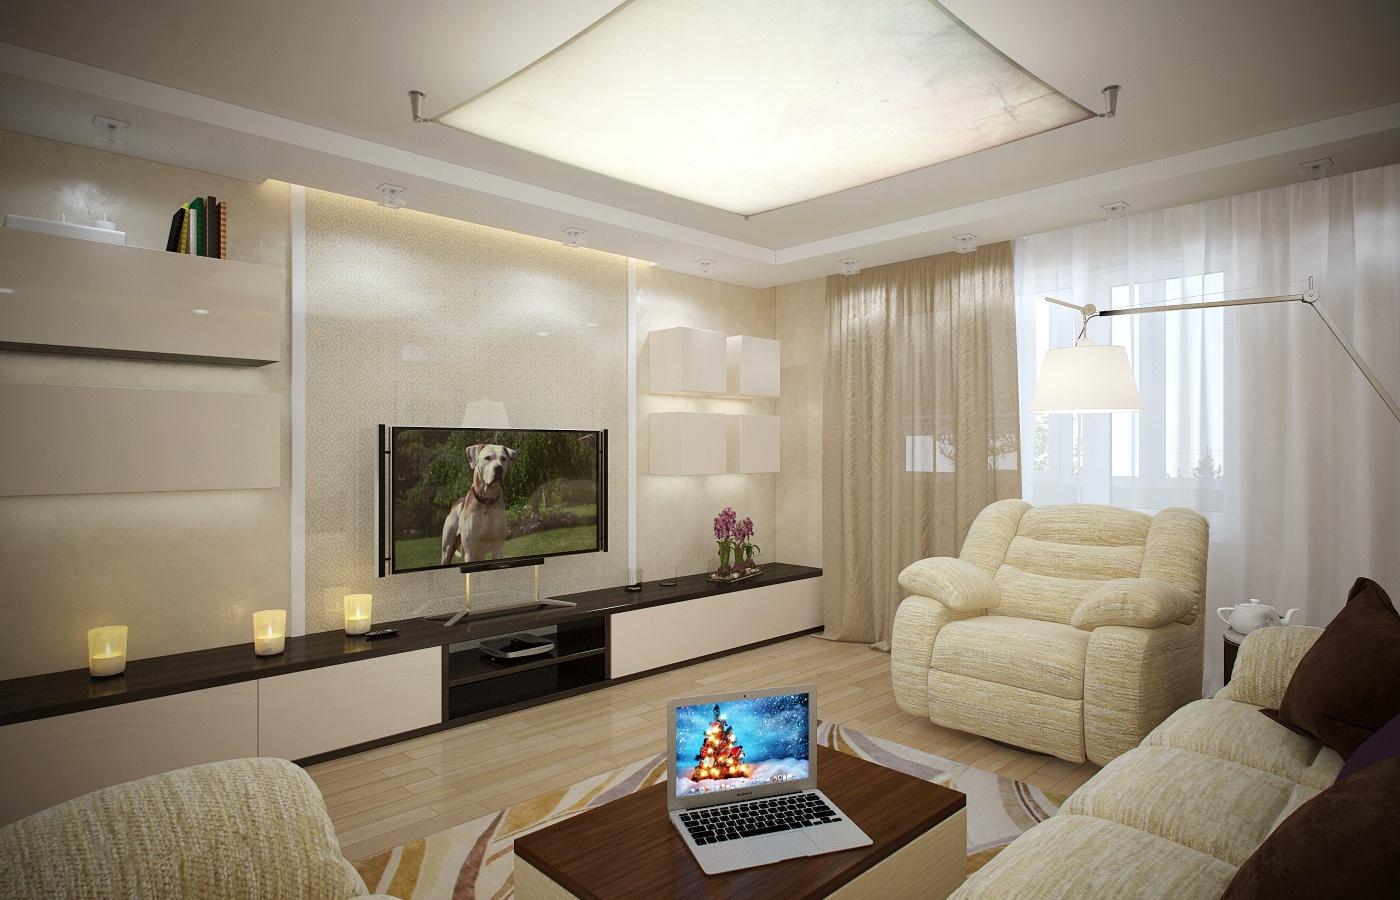 Ремонт 1 комнатной квартиры в хрущевке - цена в Санкт